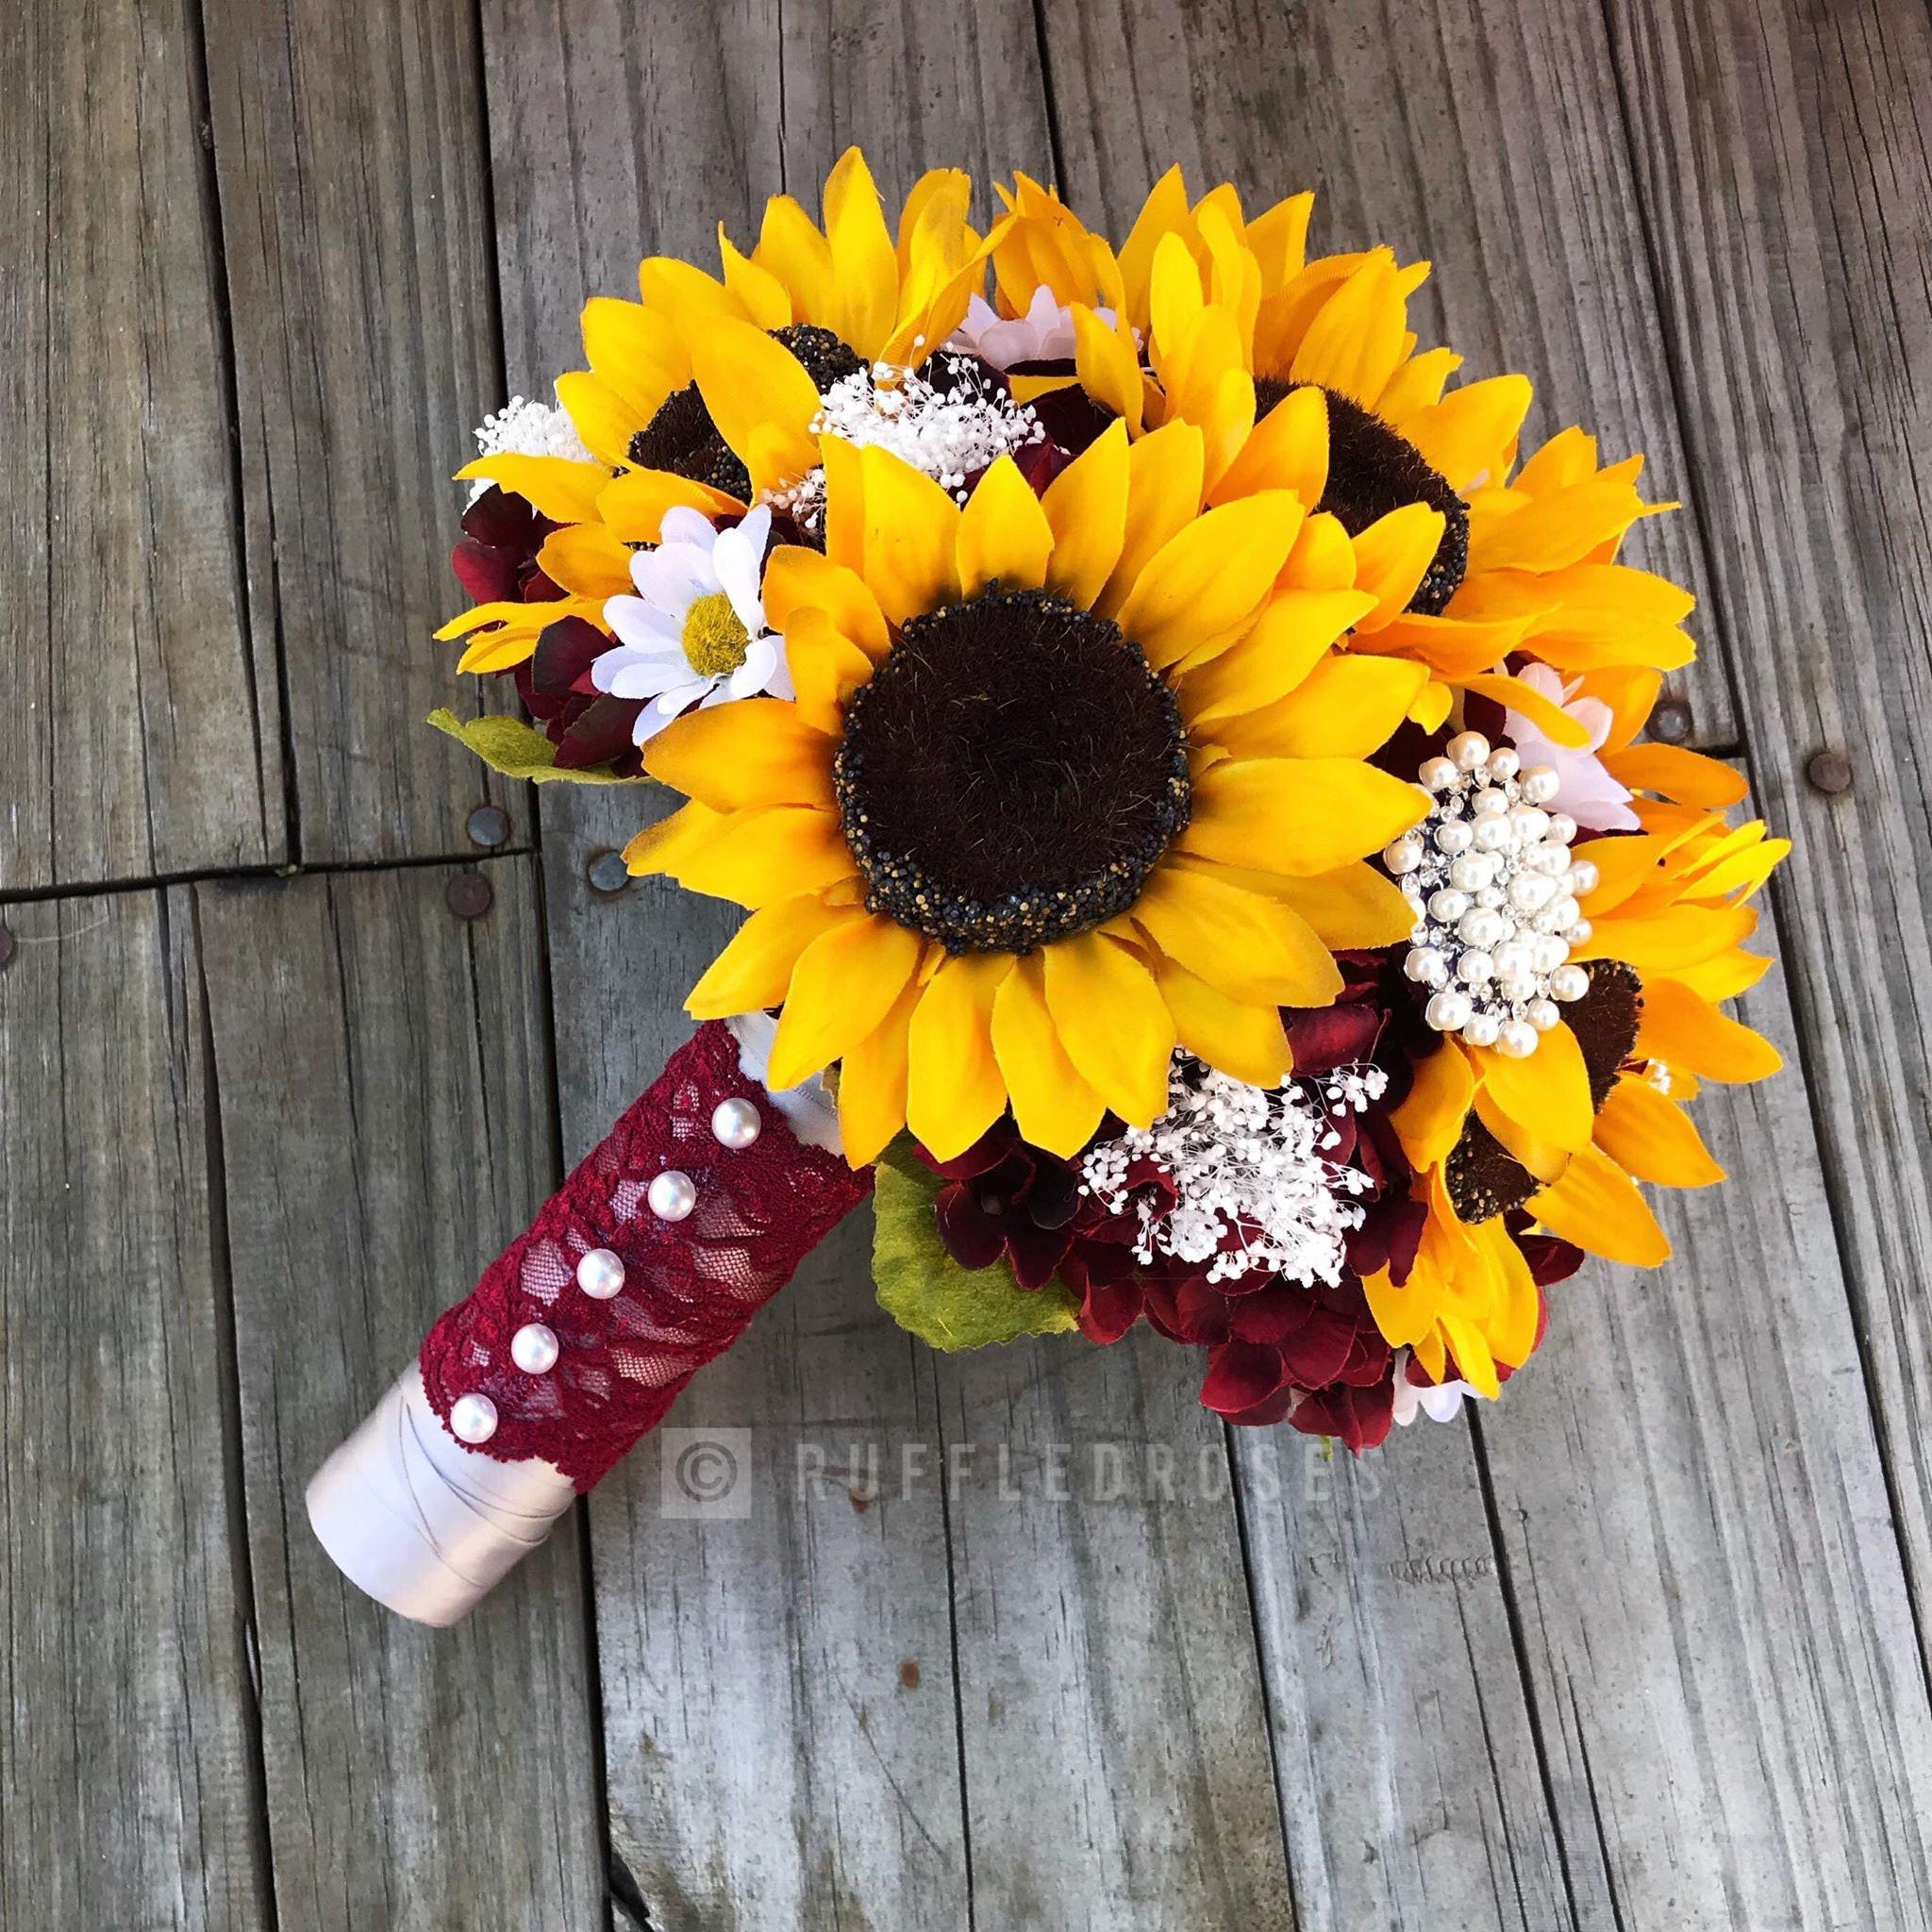 bordeaux vin bouquet tournesol tournesol et marguerite | etsy